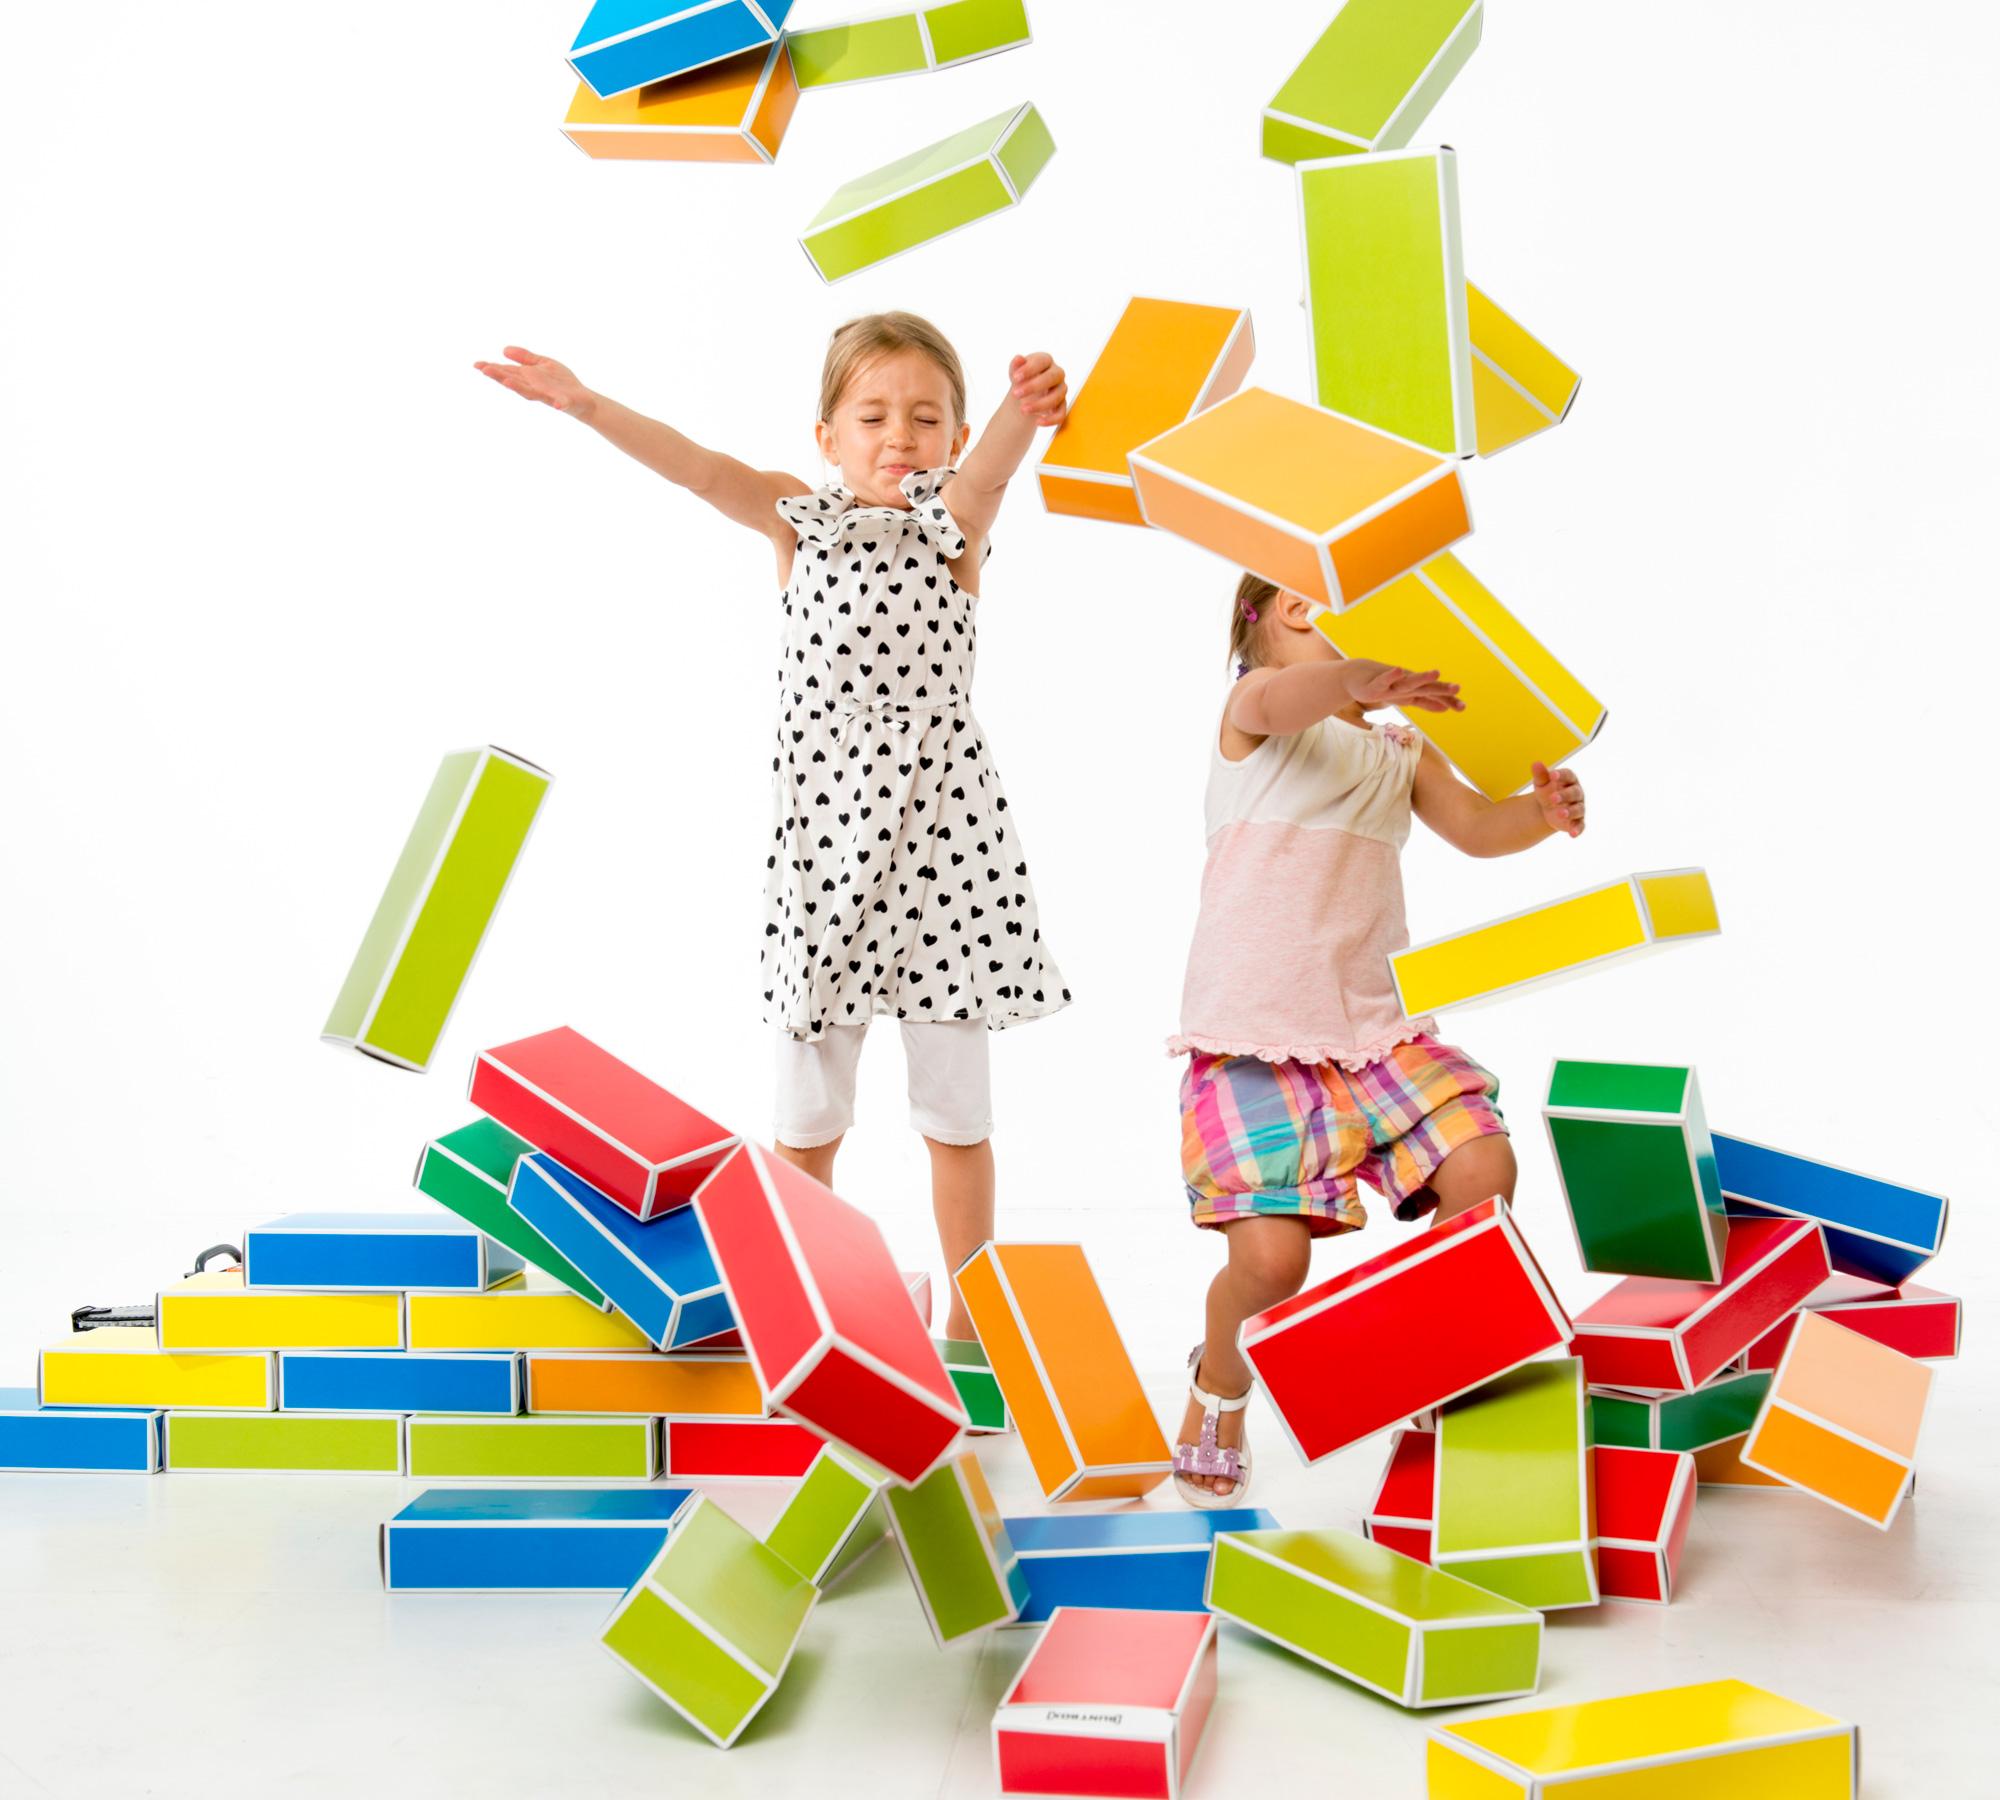 Spielideen für die Sommerzeit: für draußen und drinnen | HIMBEER Magazin